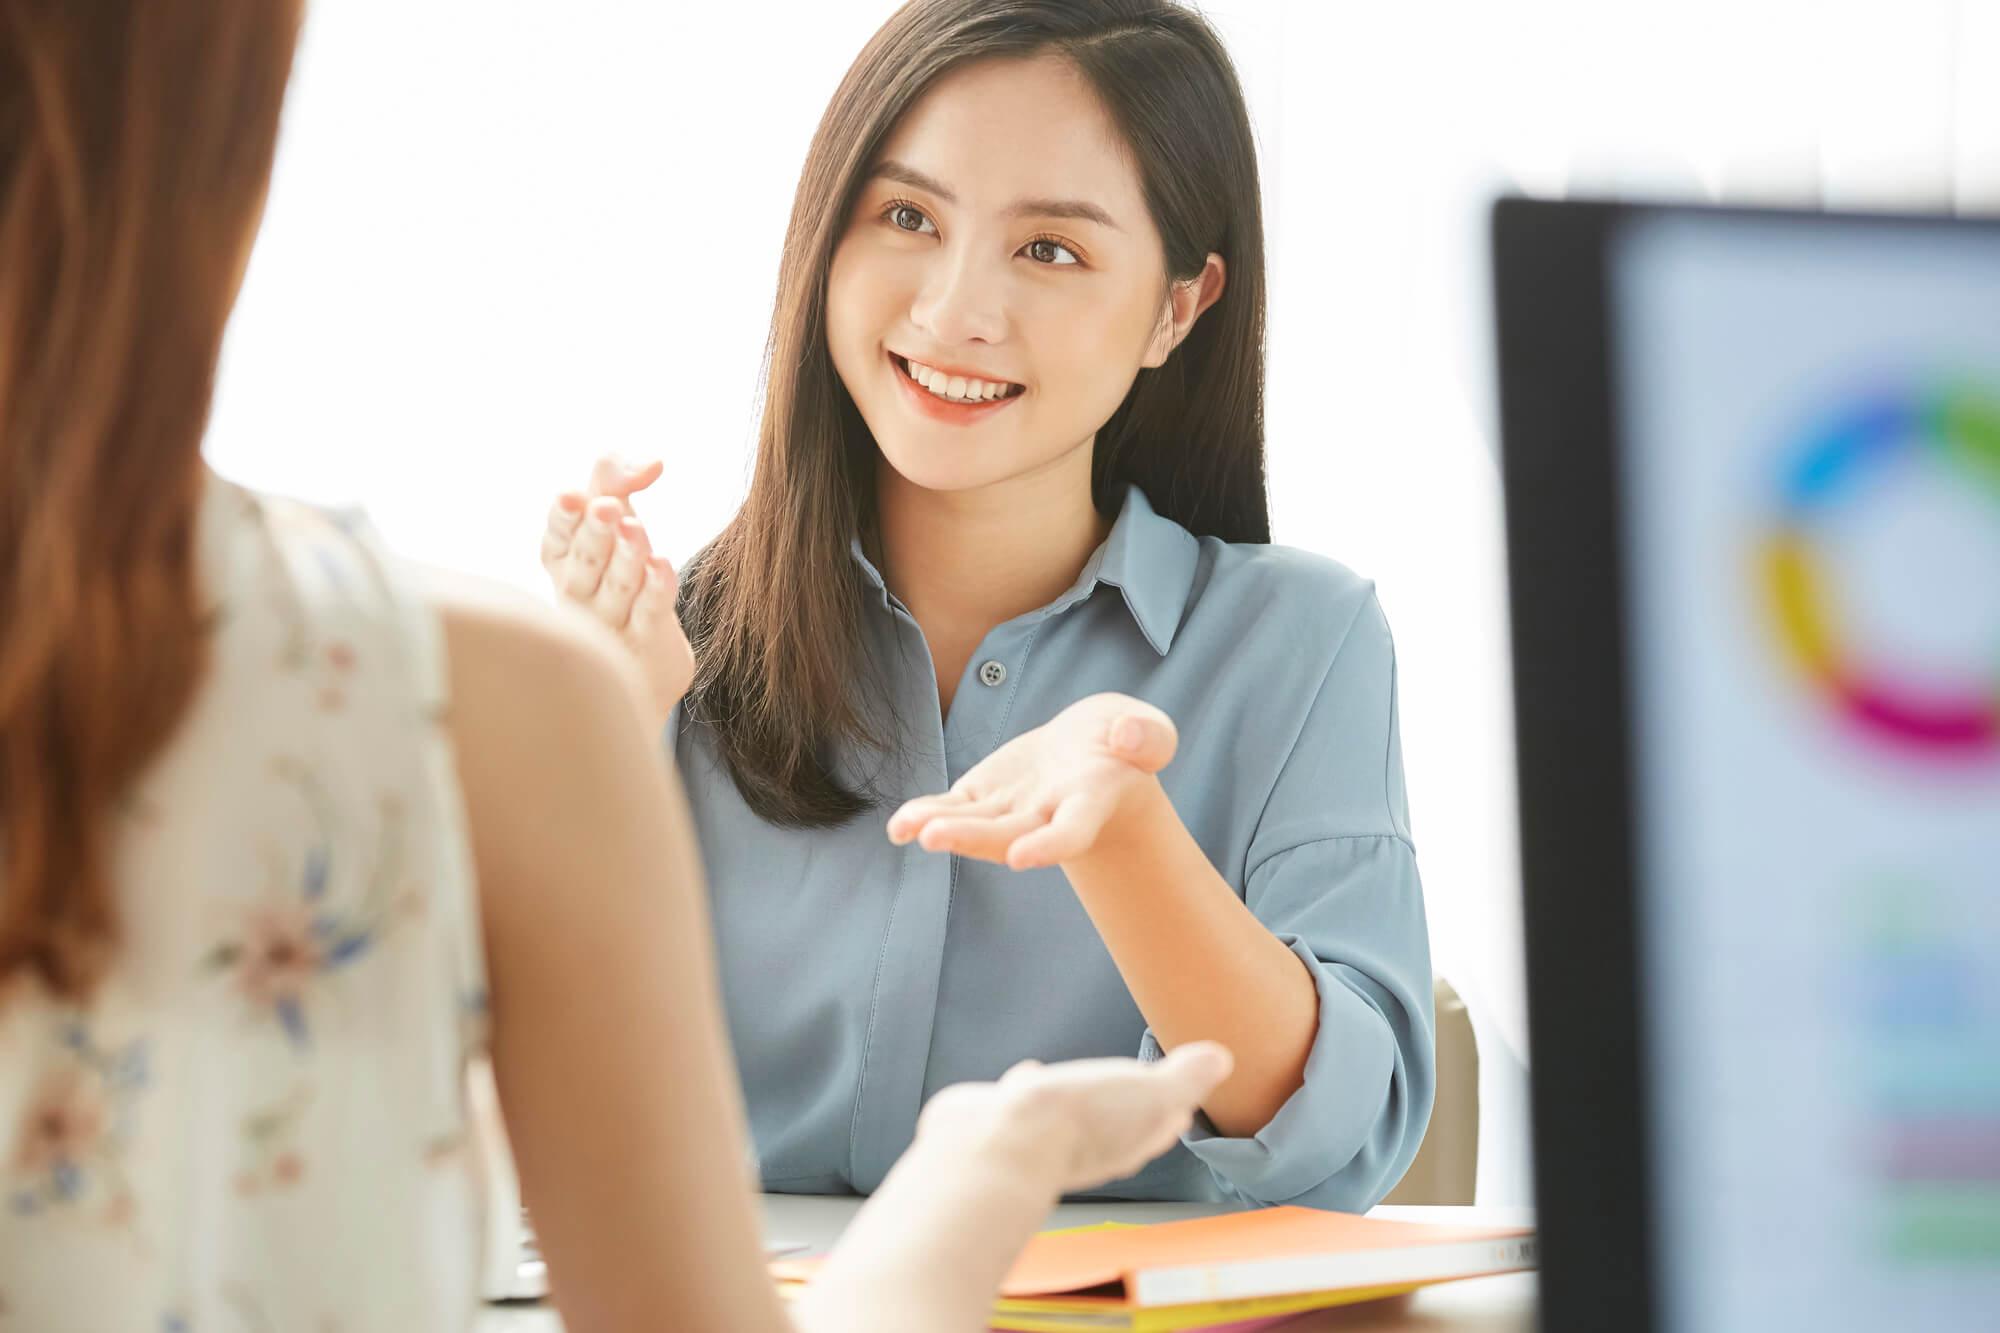 問題を抱えるクライアントに解決方法を提案する女性カウンセラー